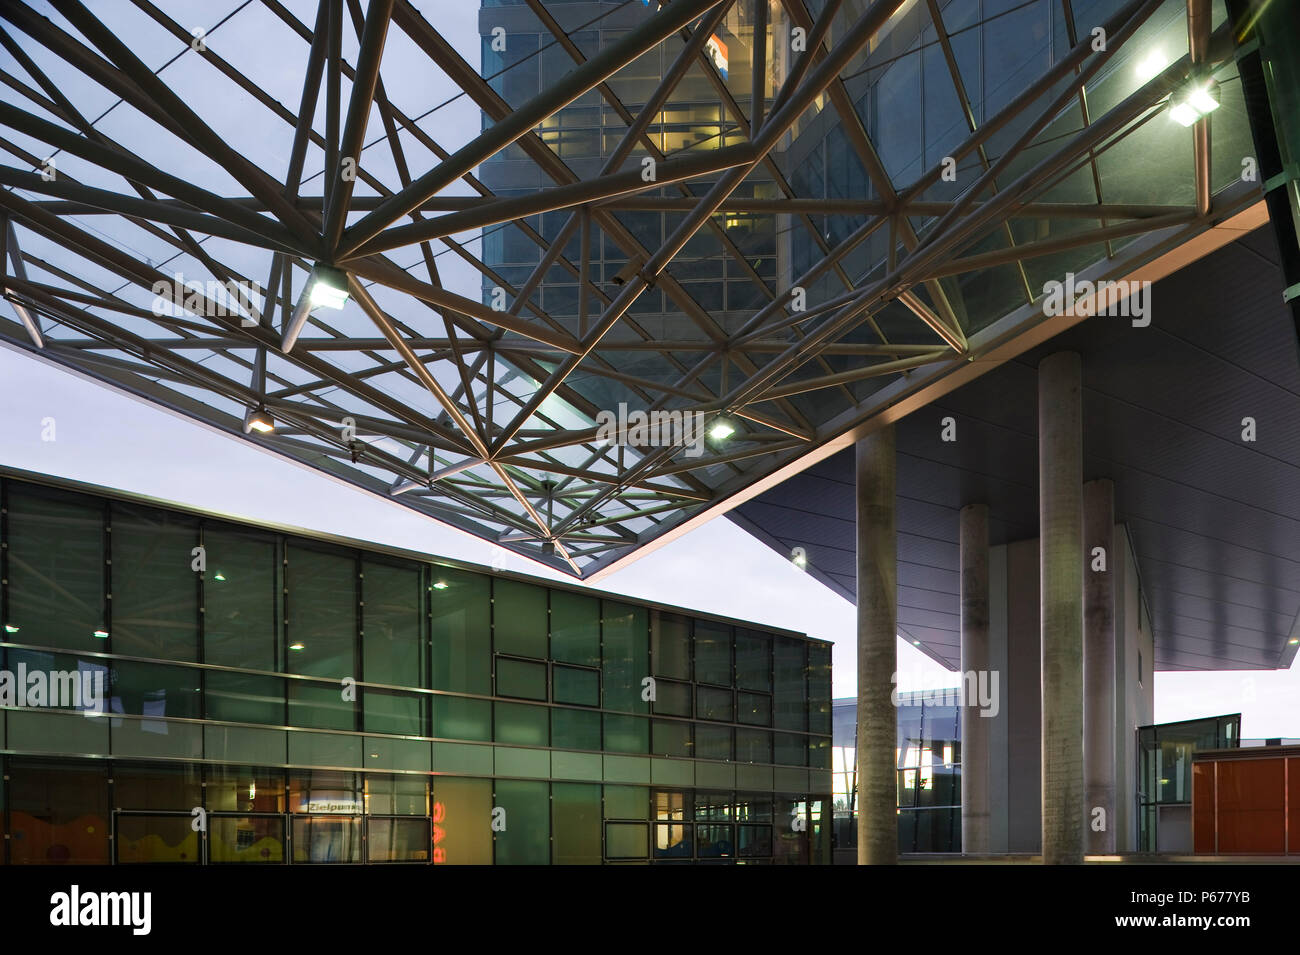 Austria, Vienna, Entwicklungsgebiet Donaucity, STRABAG-Zentrale, Ernst Hoffmann 2003 - Vienna, Development Area Donaucity, STRABAG Head Office, Ernst  - Stock Image